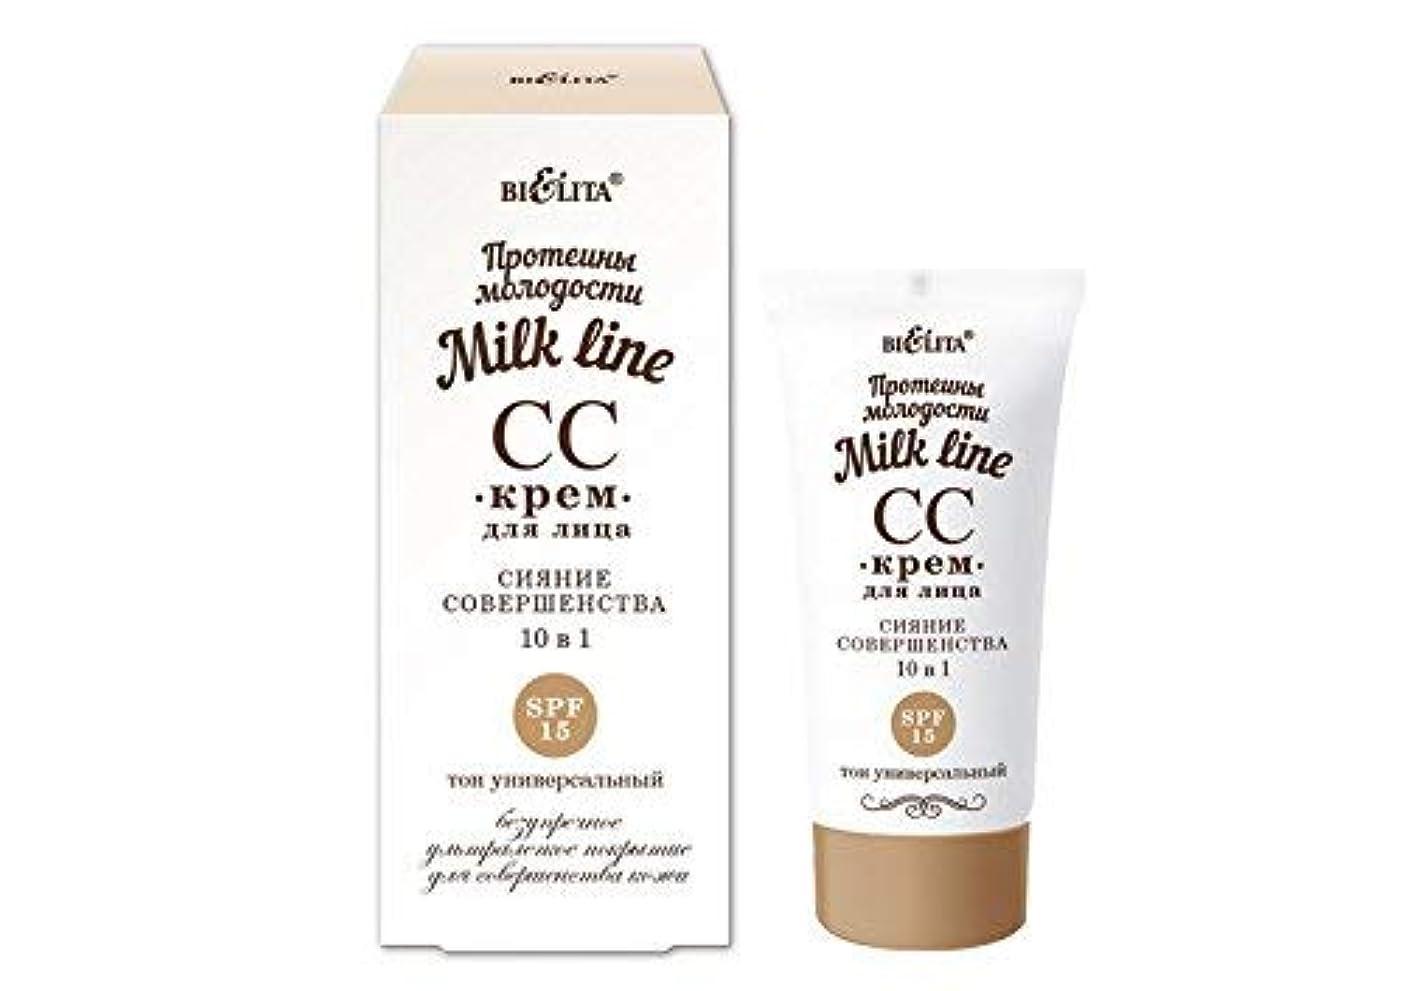 結婚式投獄架空のCC Cream,based on goat's milk Total Effects Tone Correcting Moisturizer with Sunscreen, Light to Medium 10 effects...